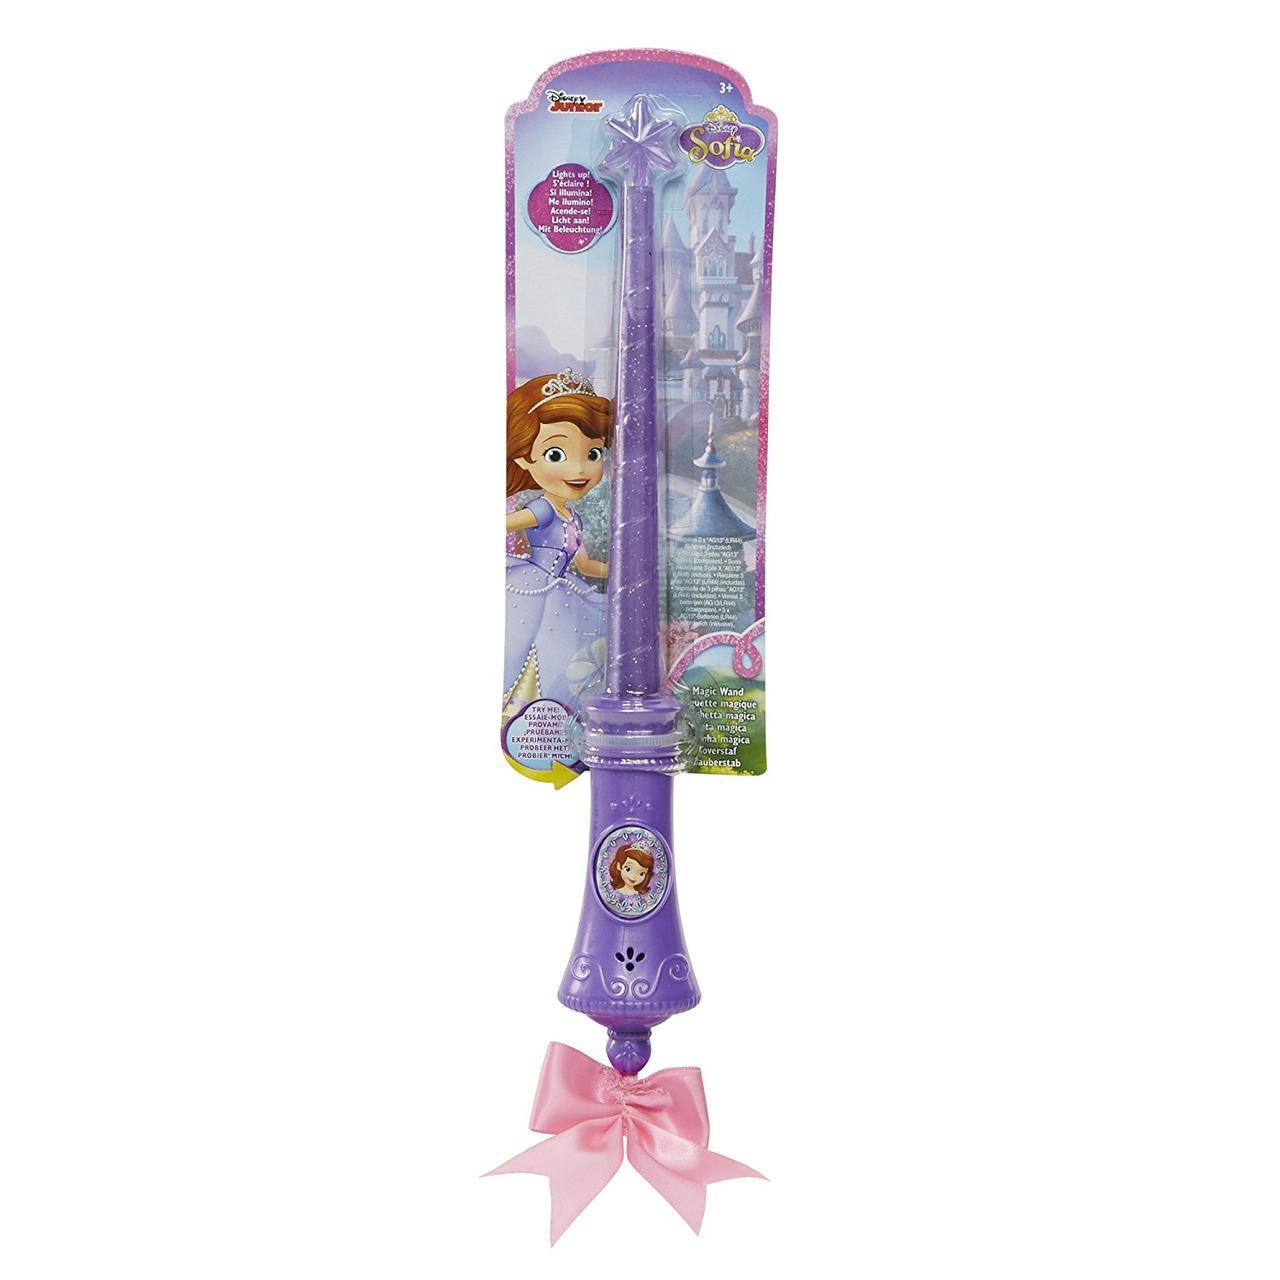 Волшебная палочка принцессы Софии